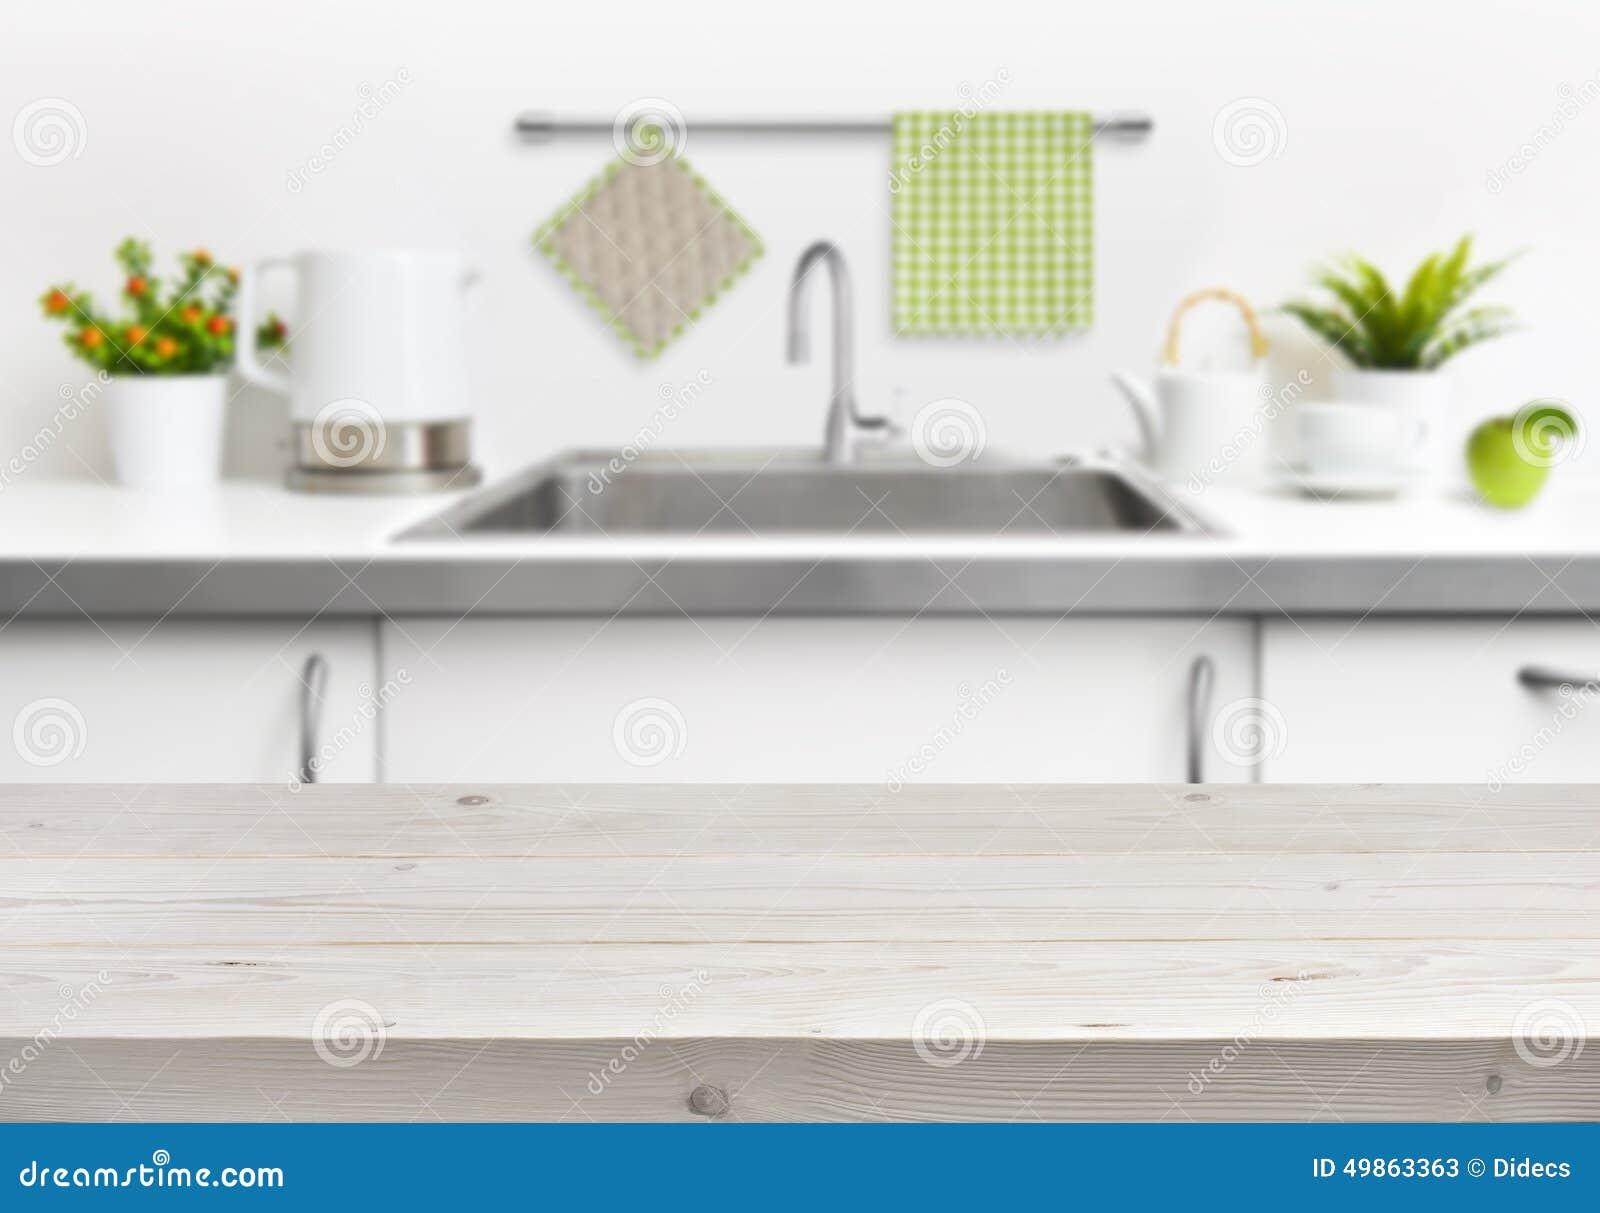 Tabla de madera en fondo del interior del fregadero de cocina